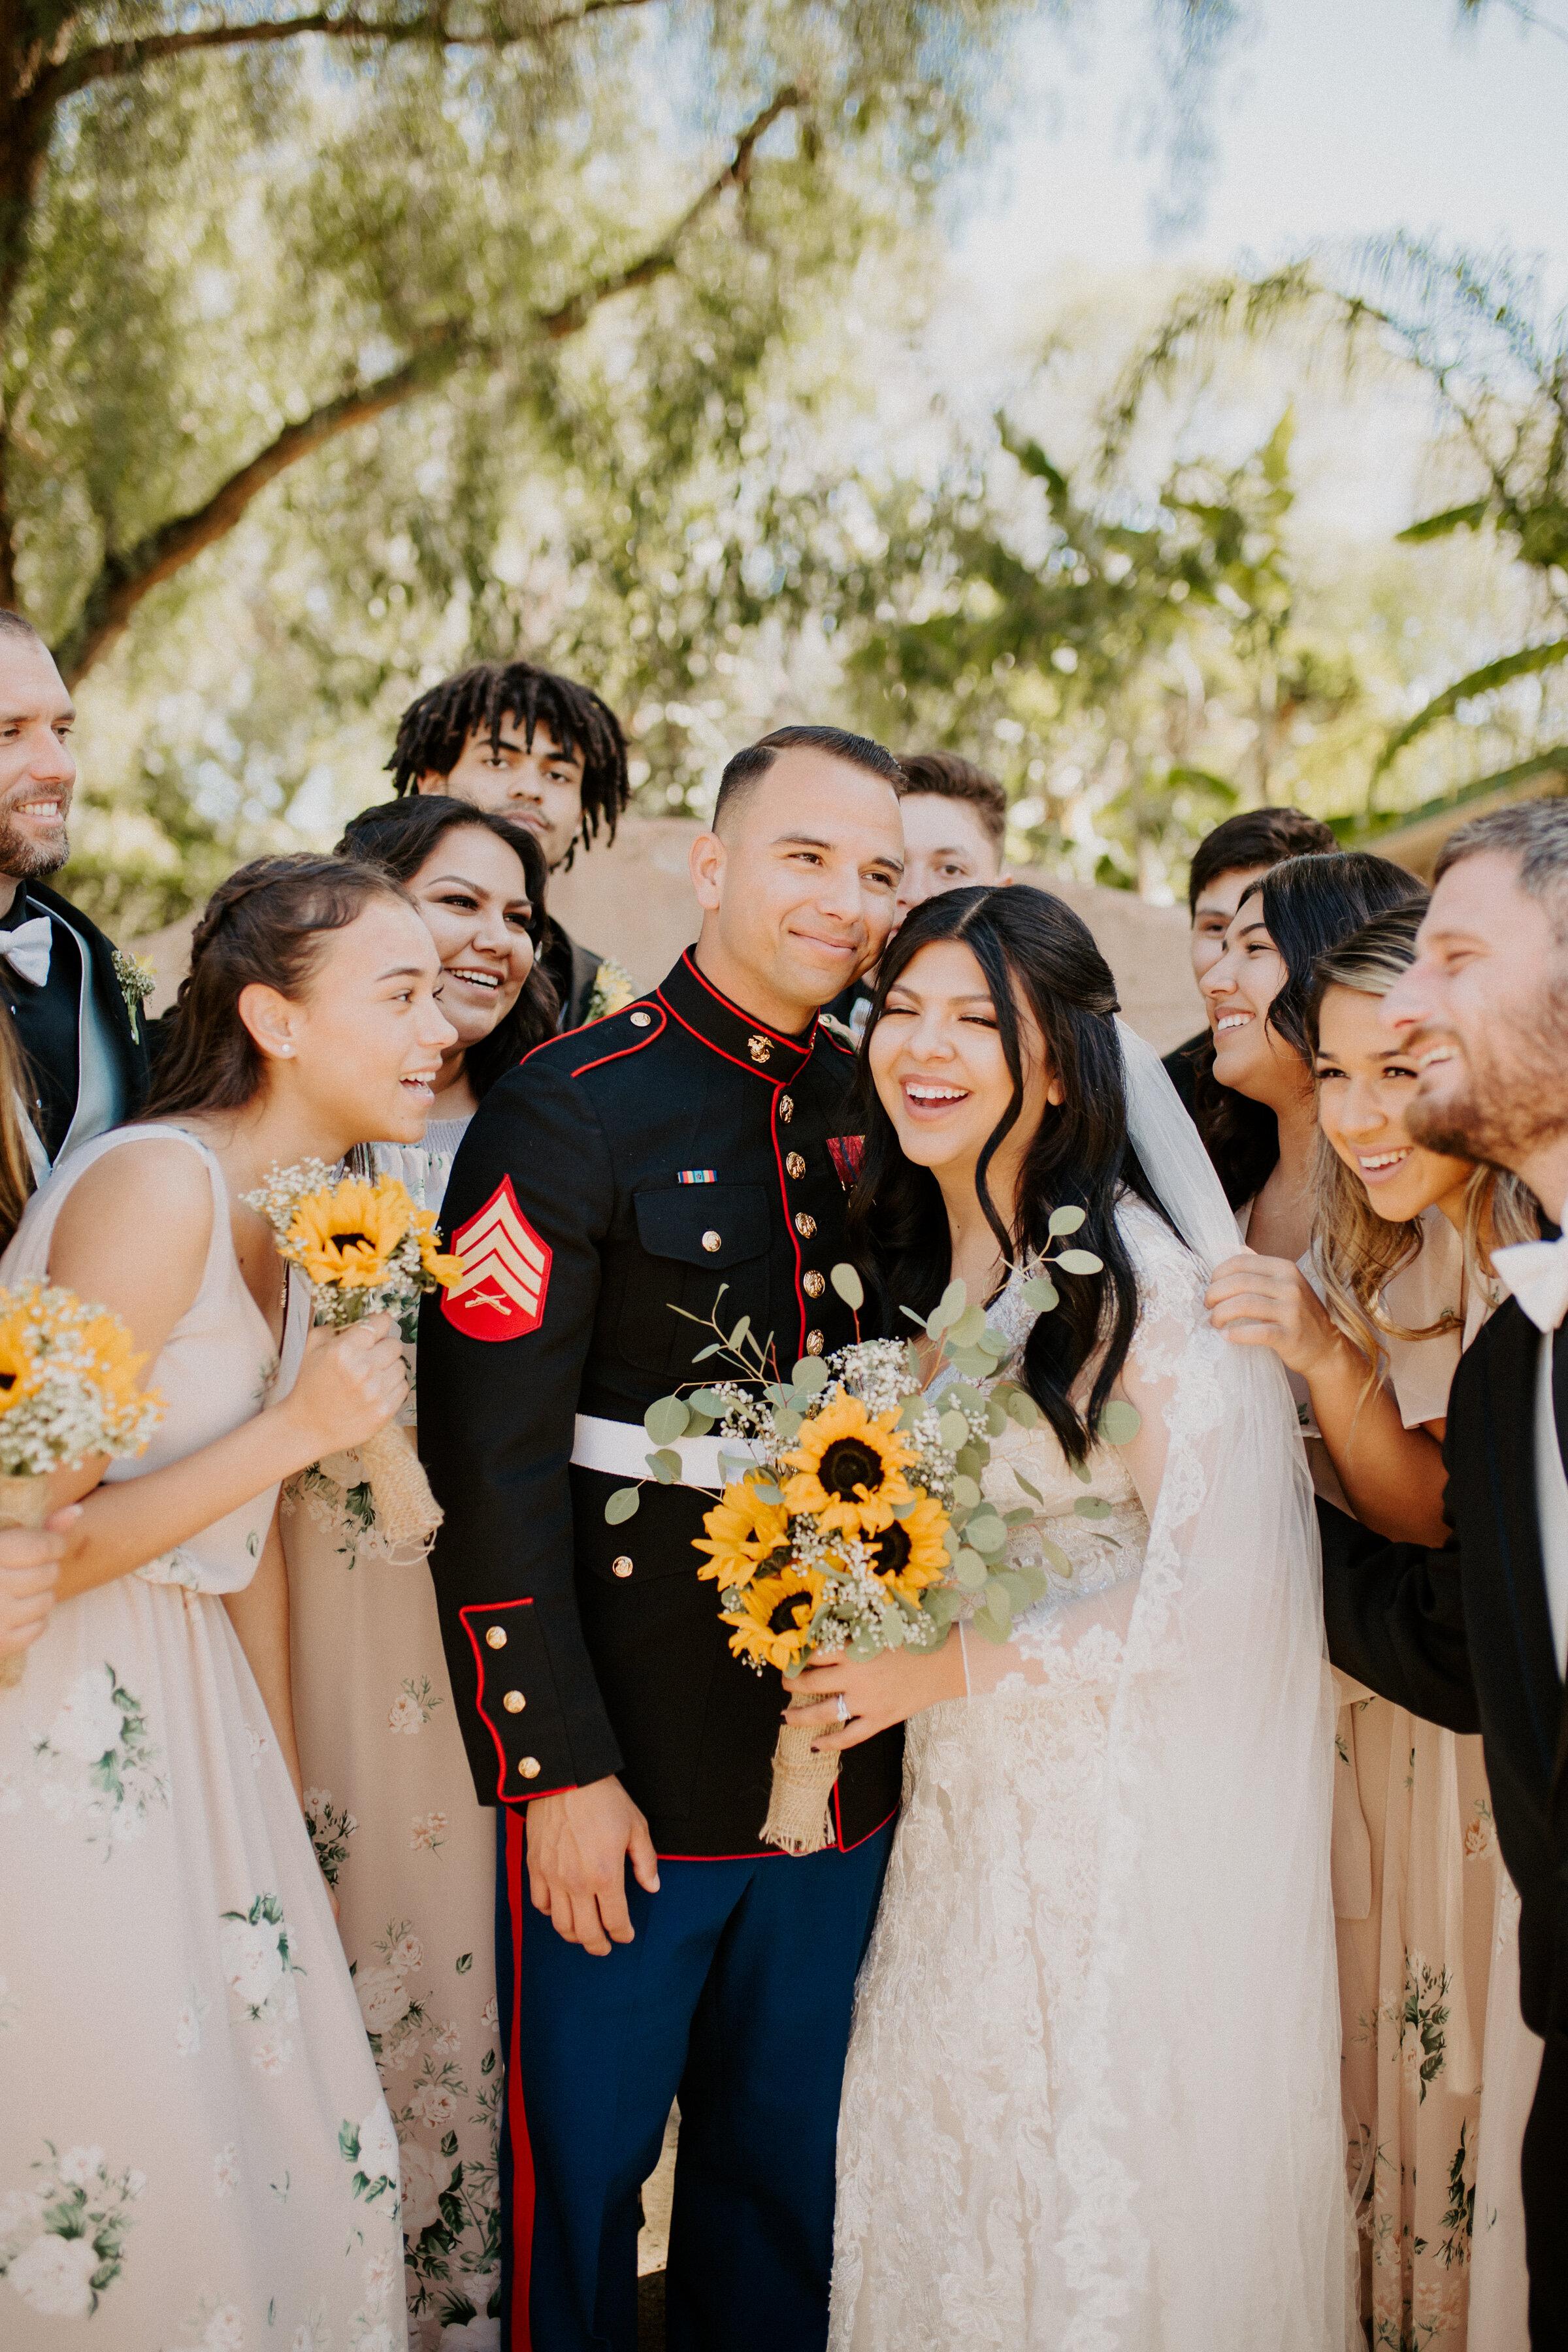 KJMaresca AMPhoto Bridal Party-27.jpg